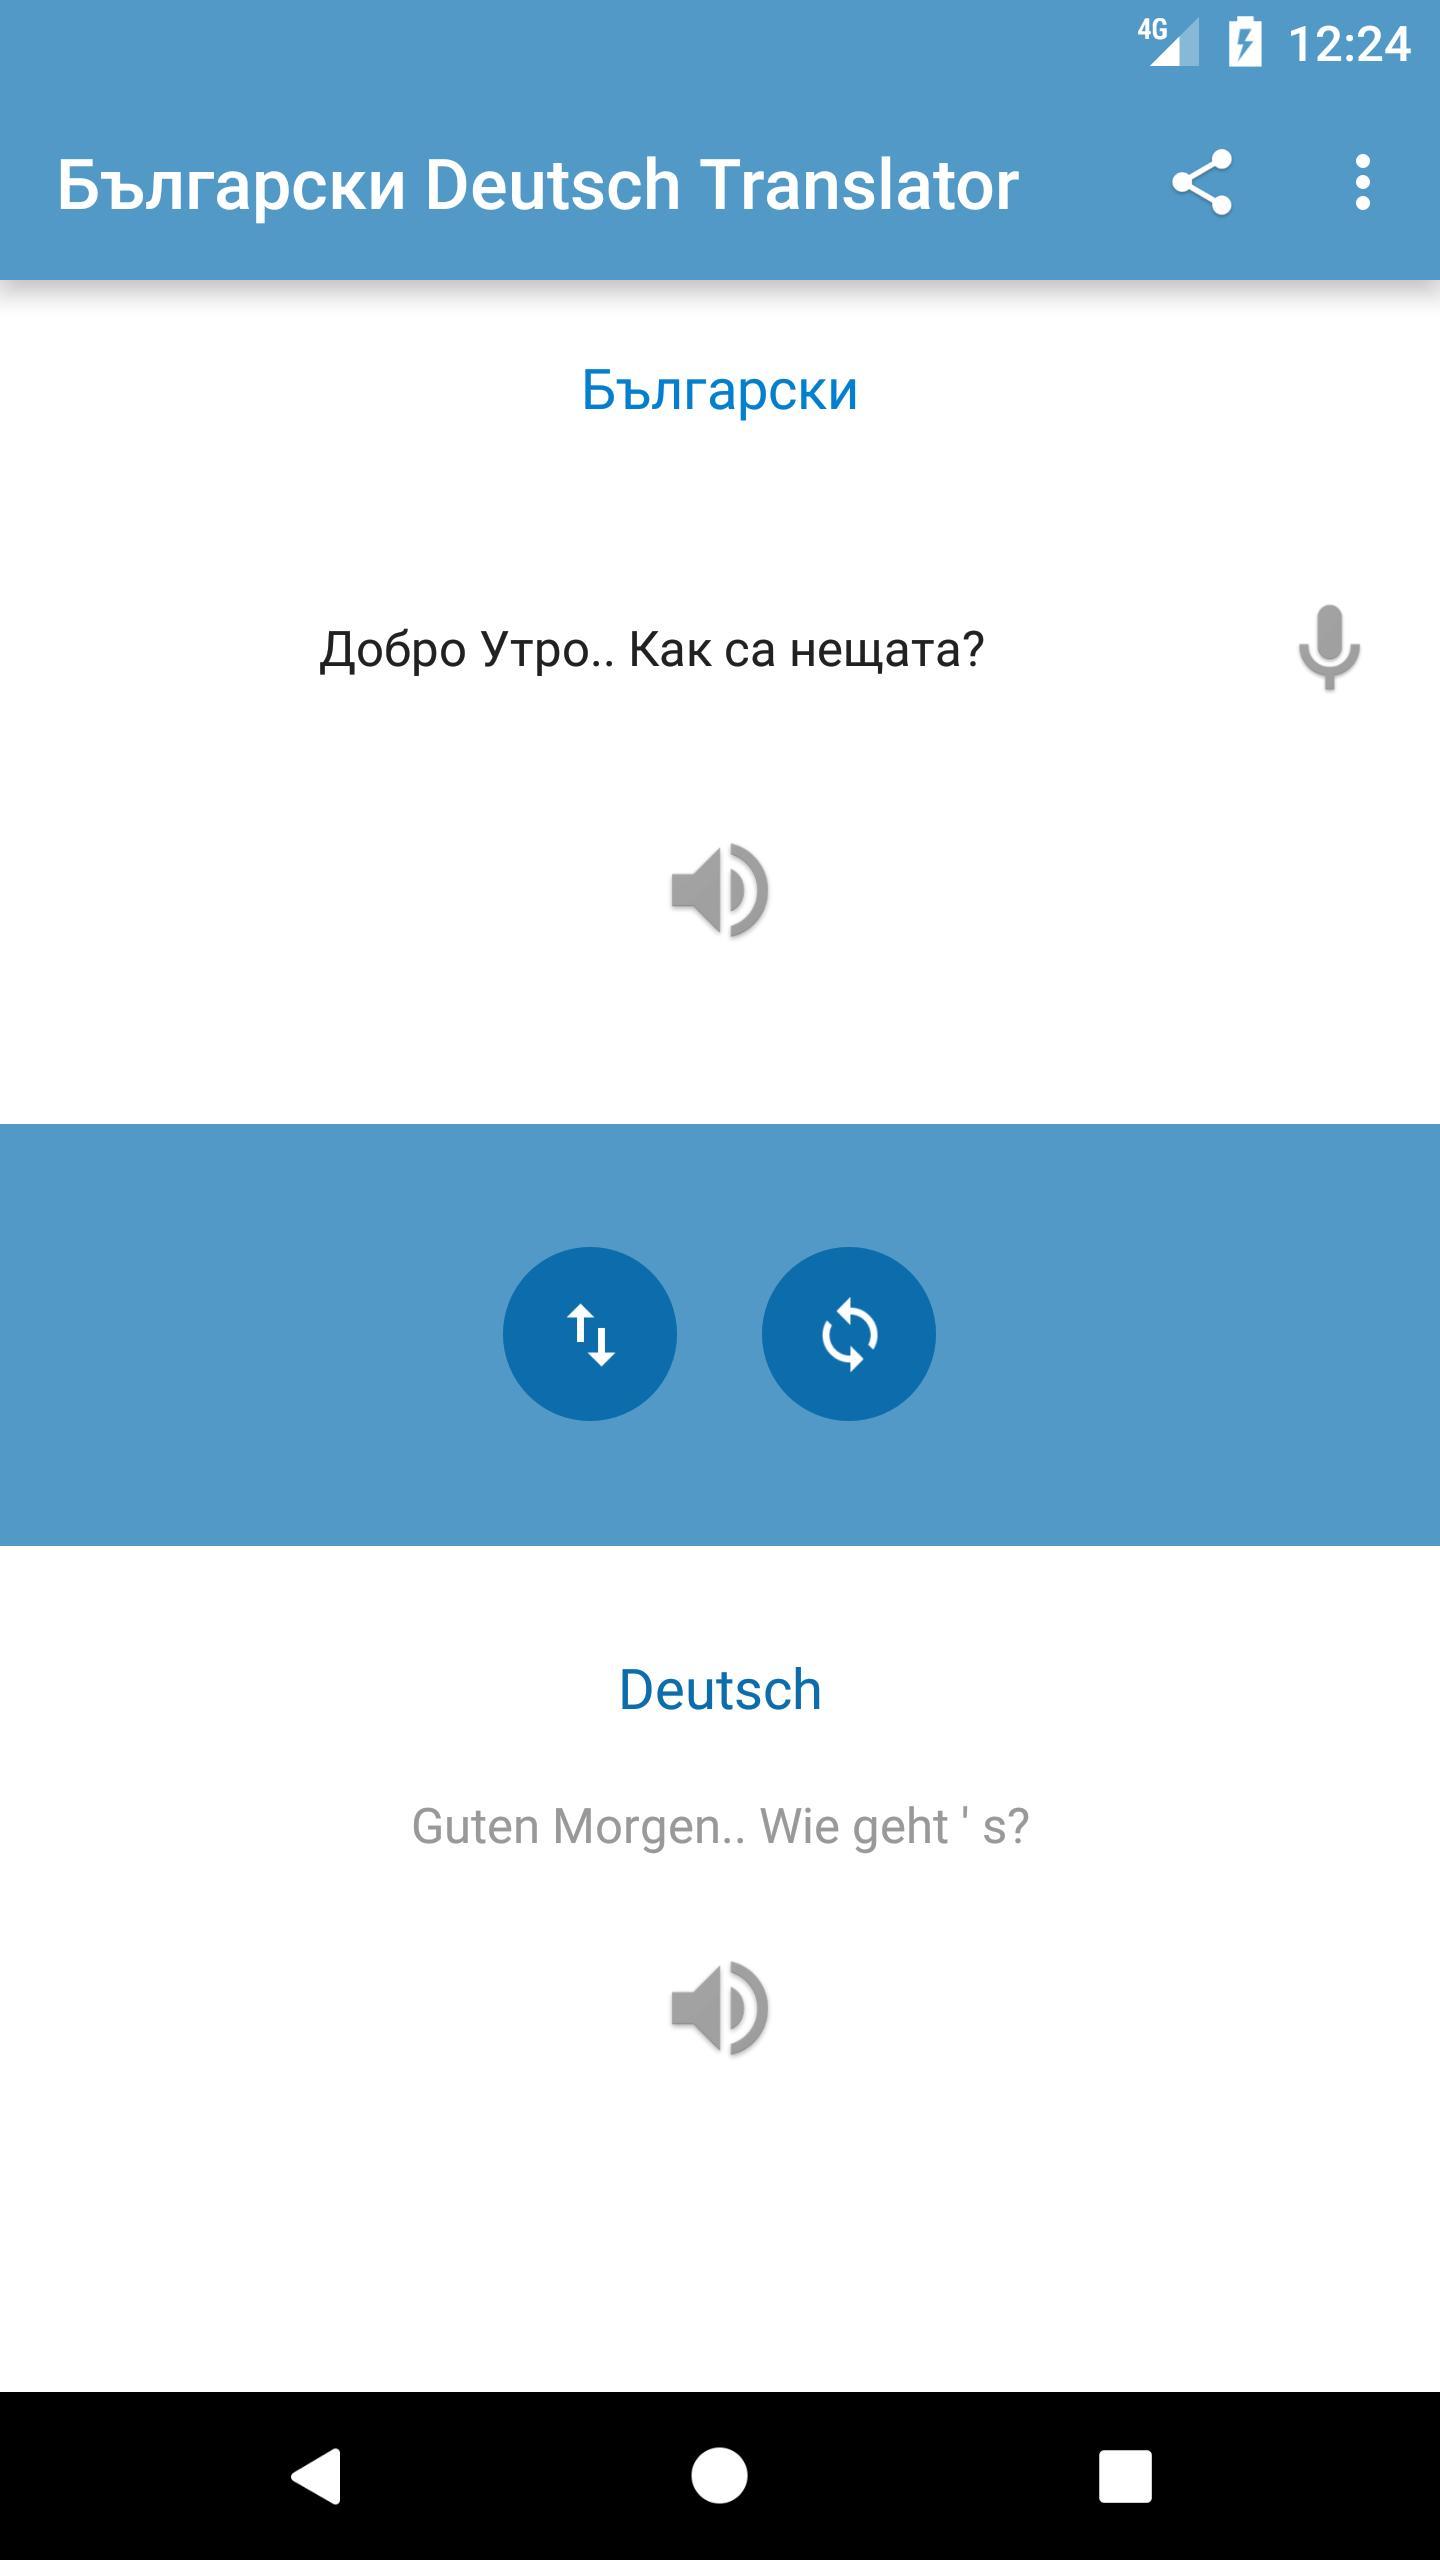 Bulgarian German Translator For Android Apk Download